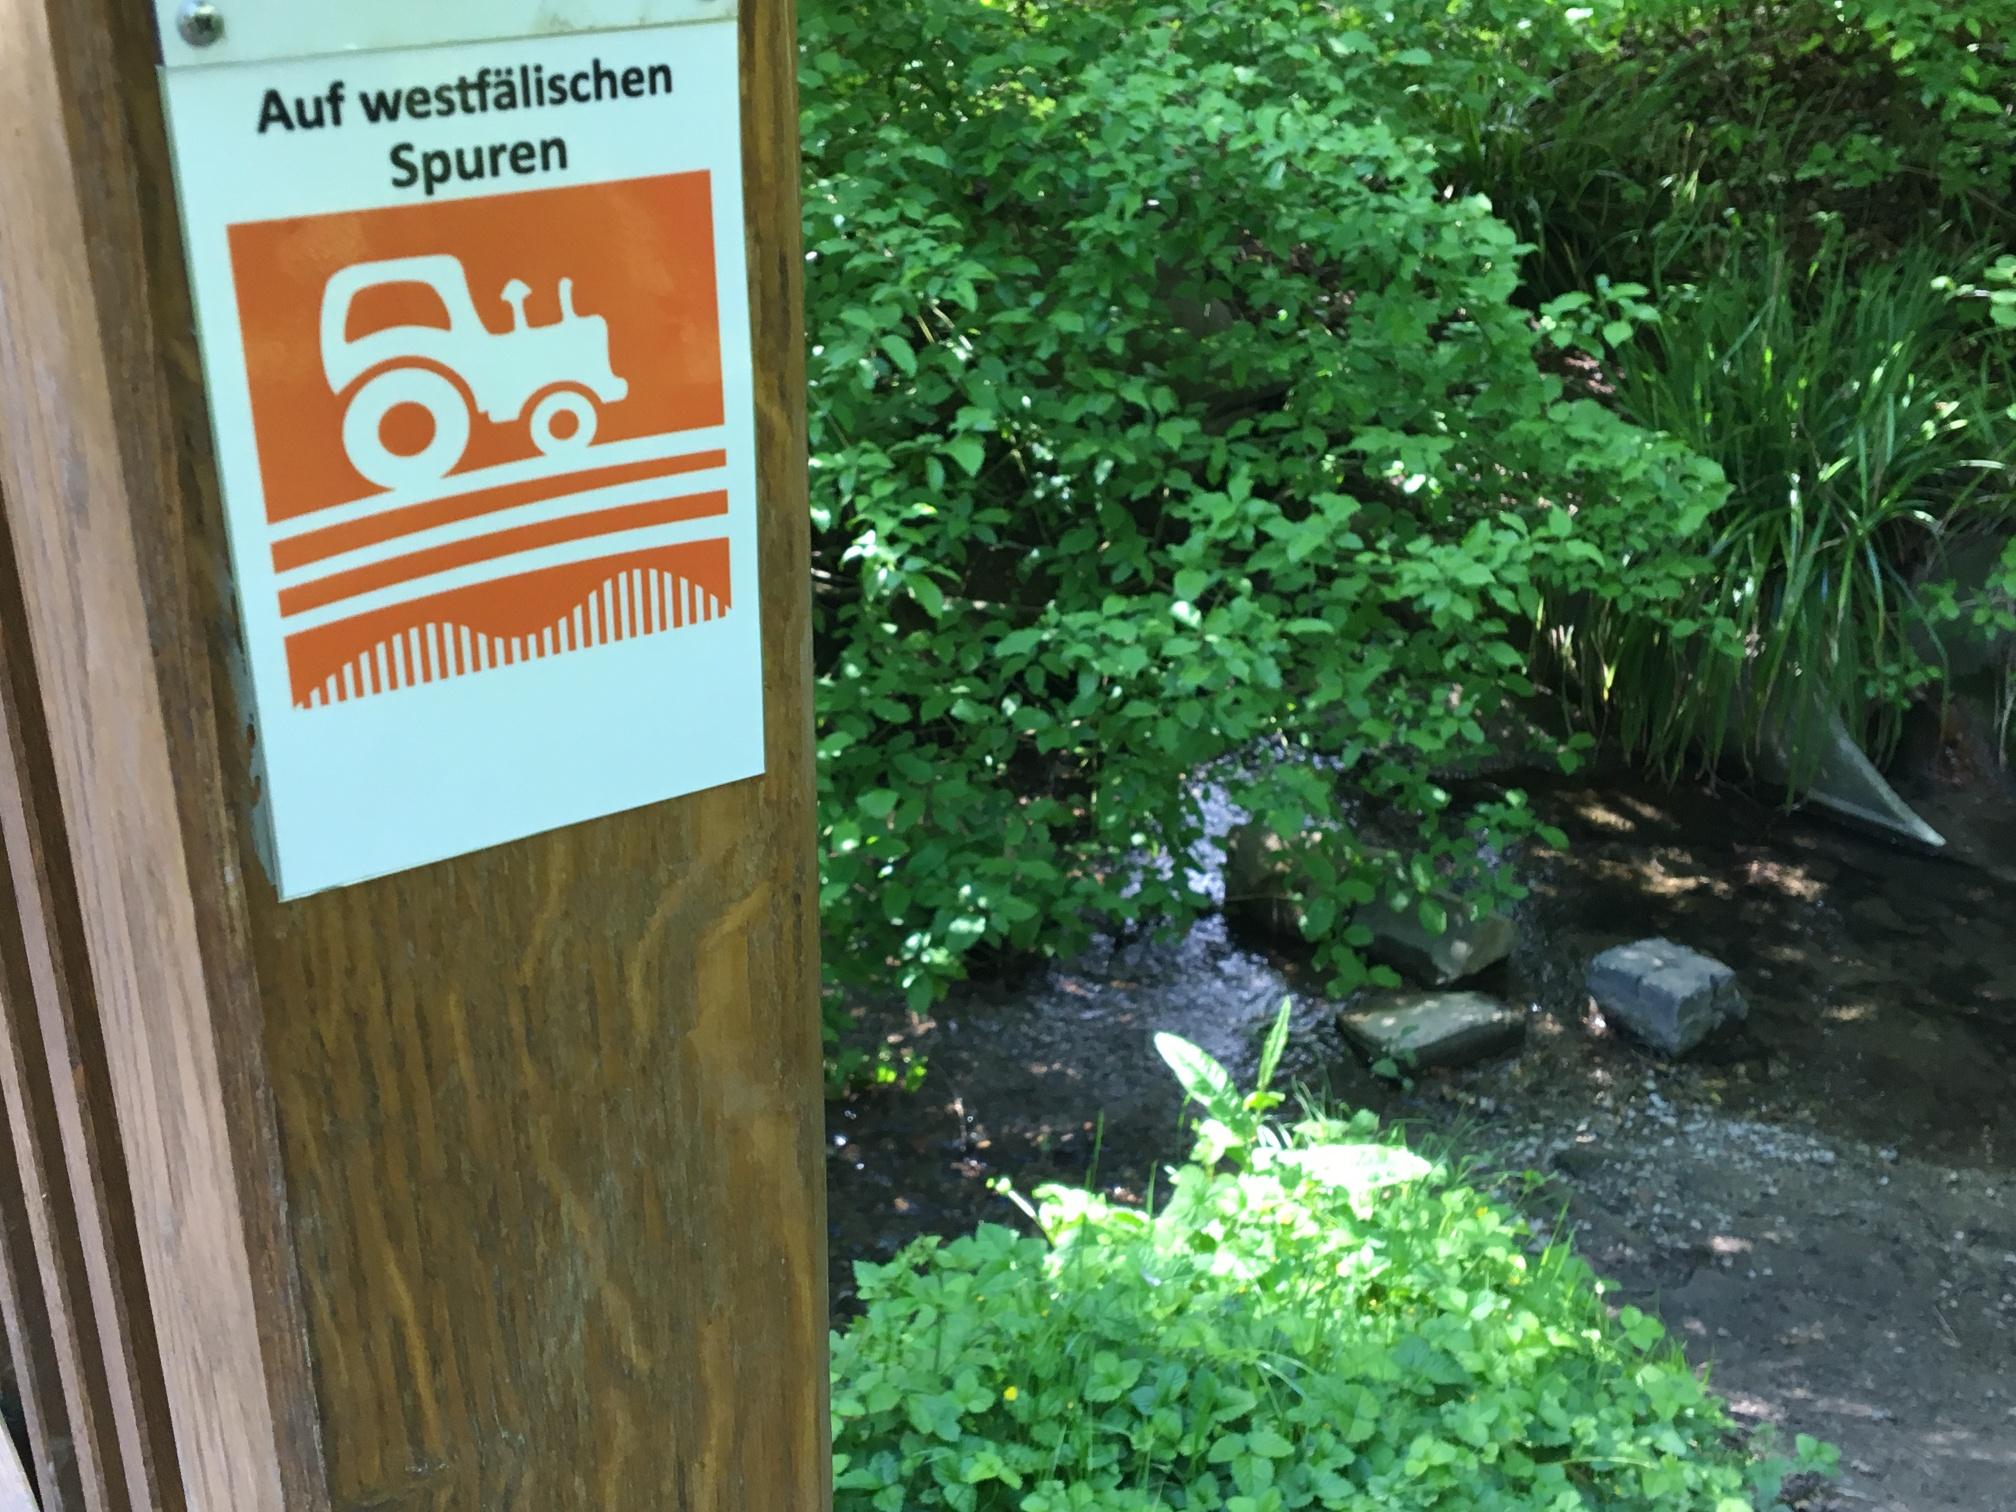 Brücke am Grünzug Mühlenwiese mit Markierungszeichen